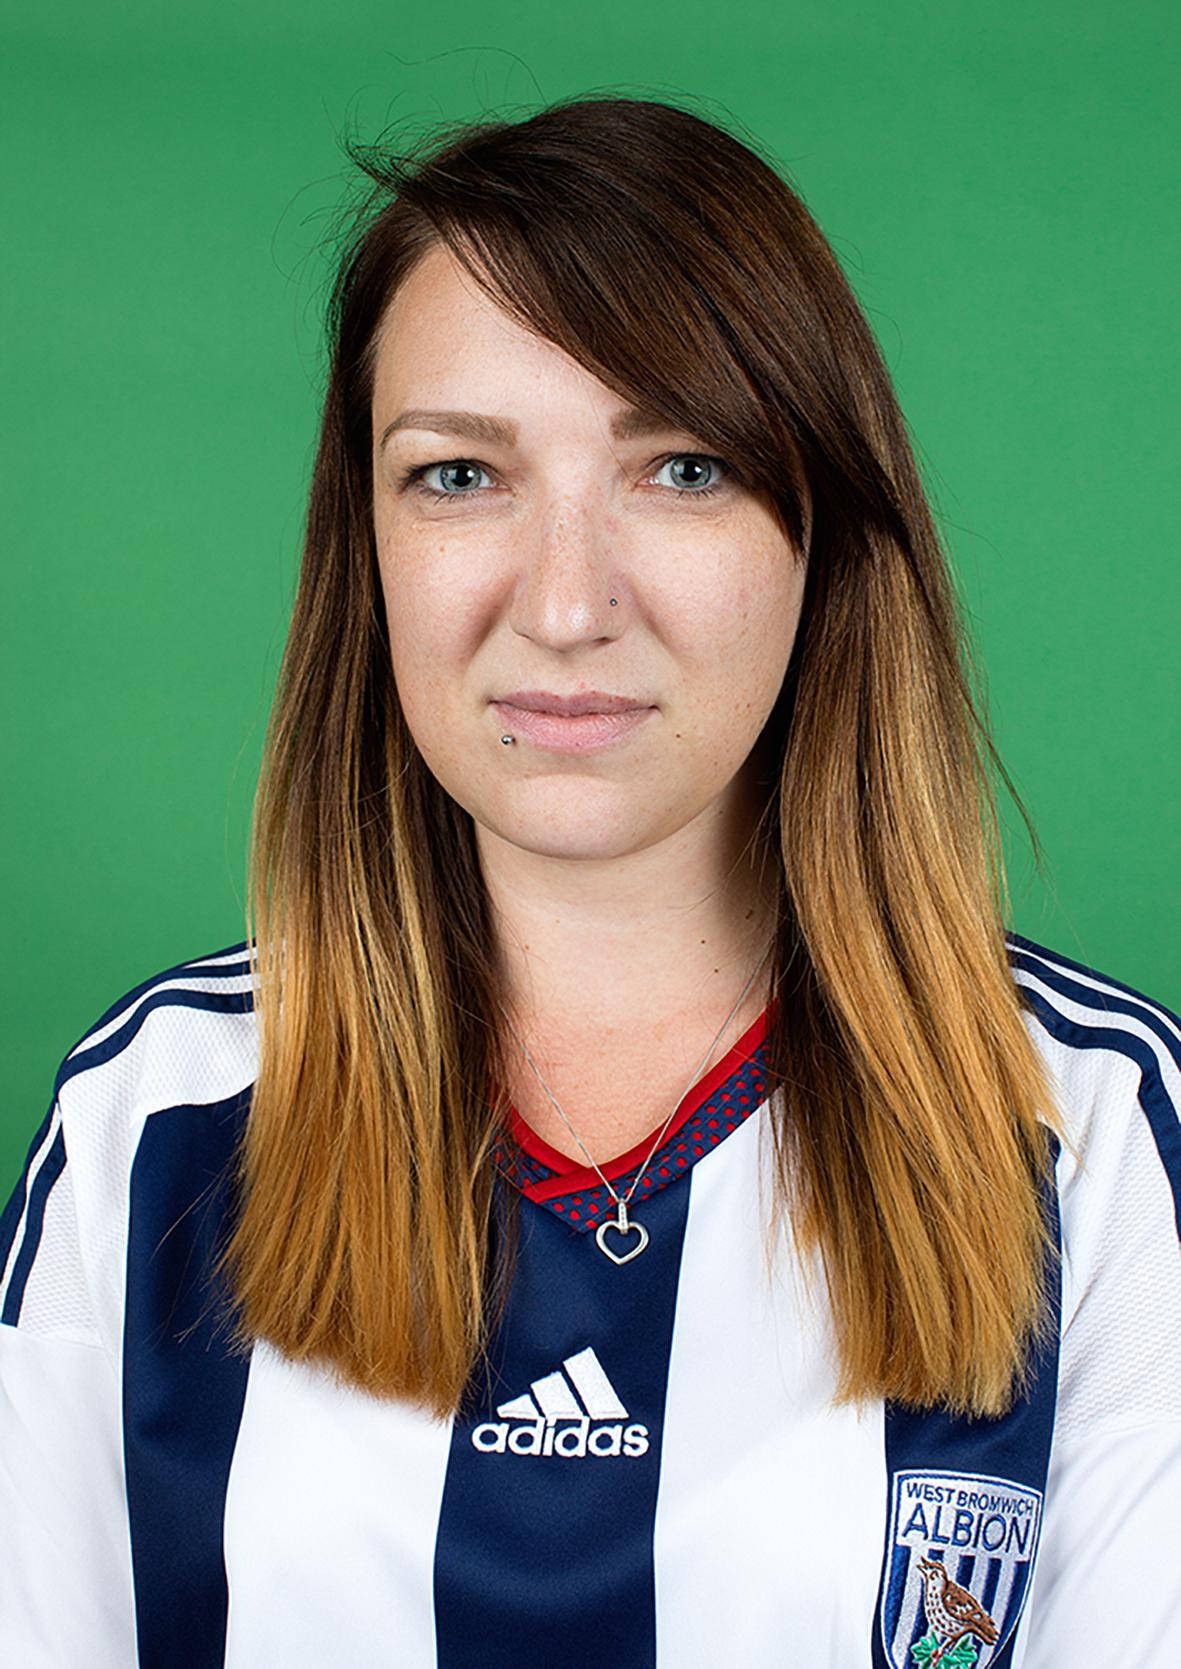 Emma Turner